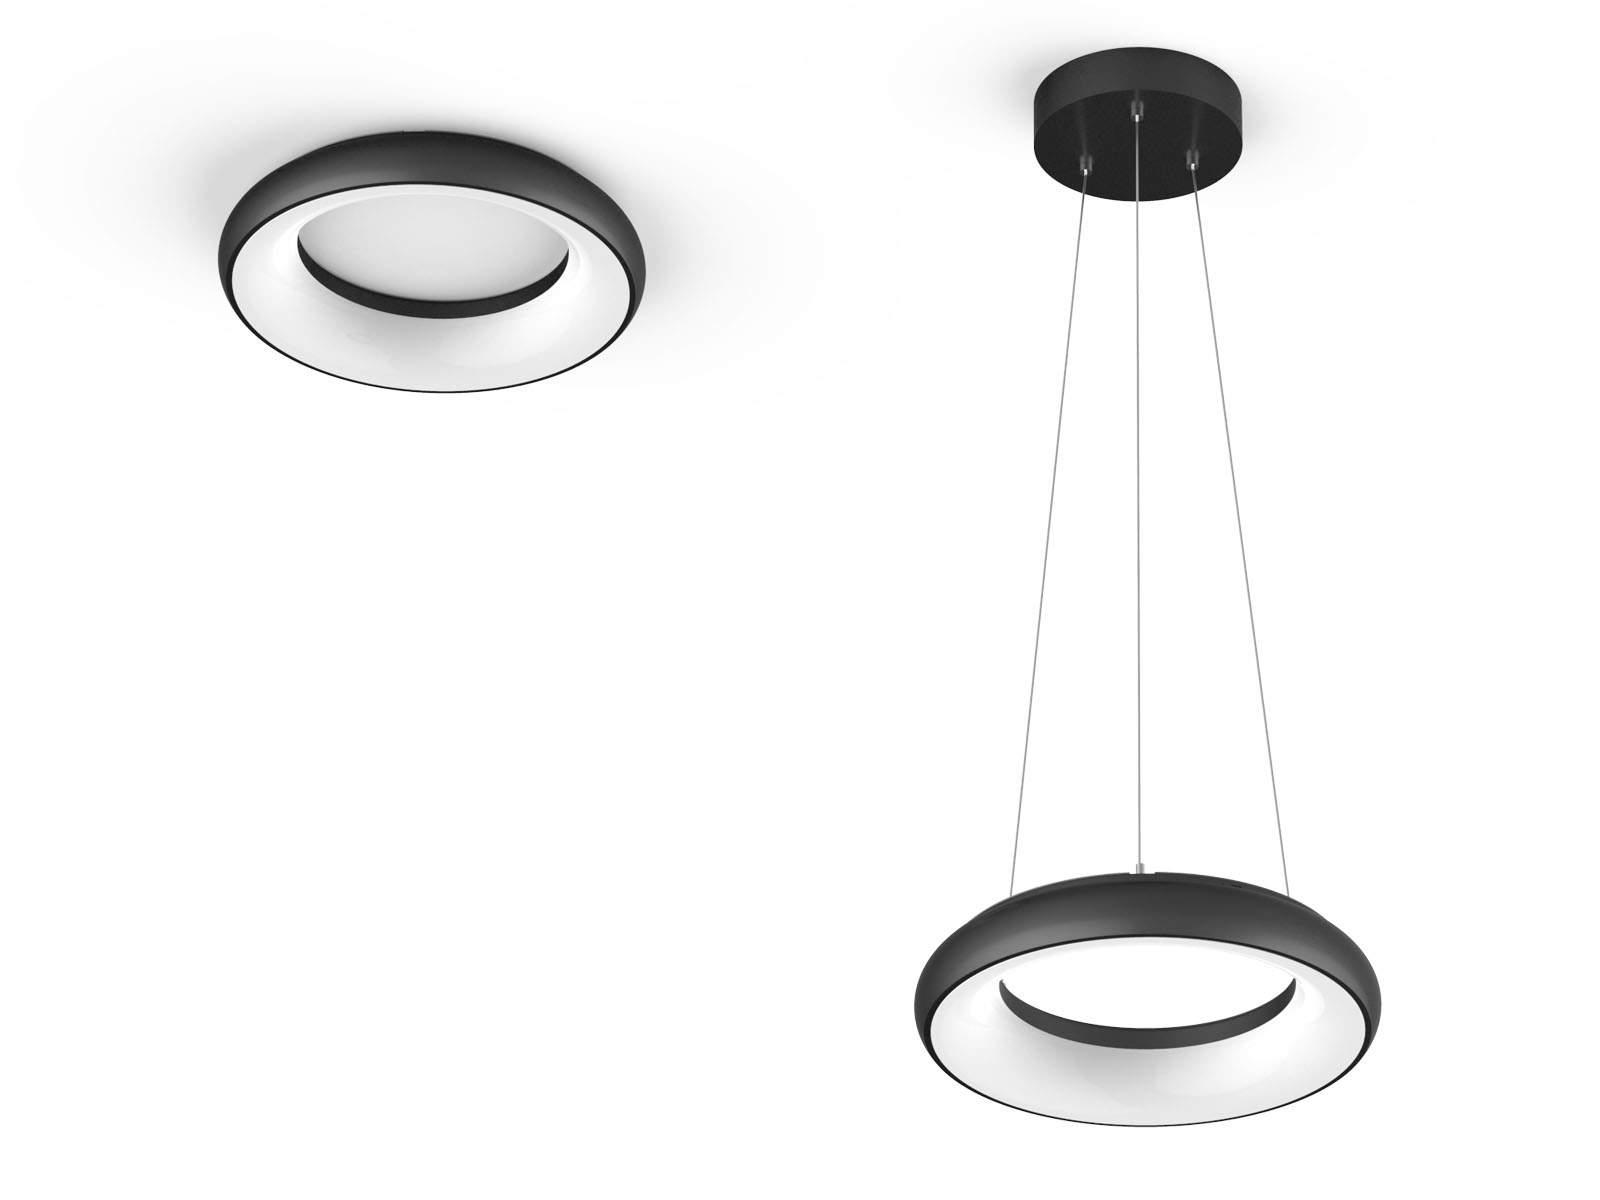 LED luminaire PROLUMEN Circle 24 Pendant DIM black  35W  120° IP40 pure white 4000K